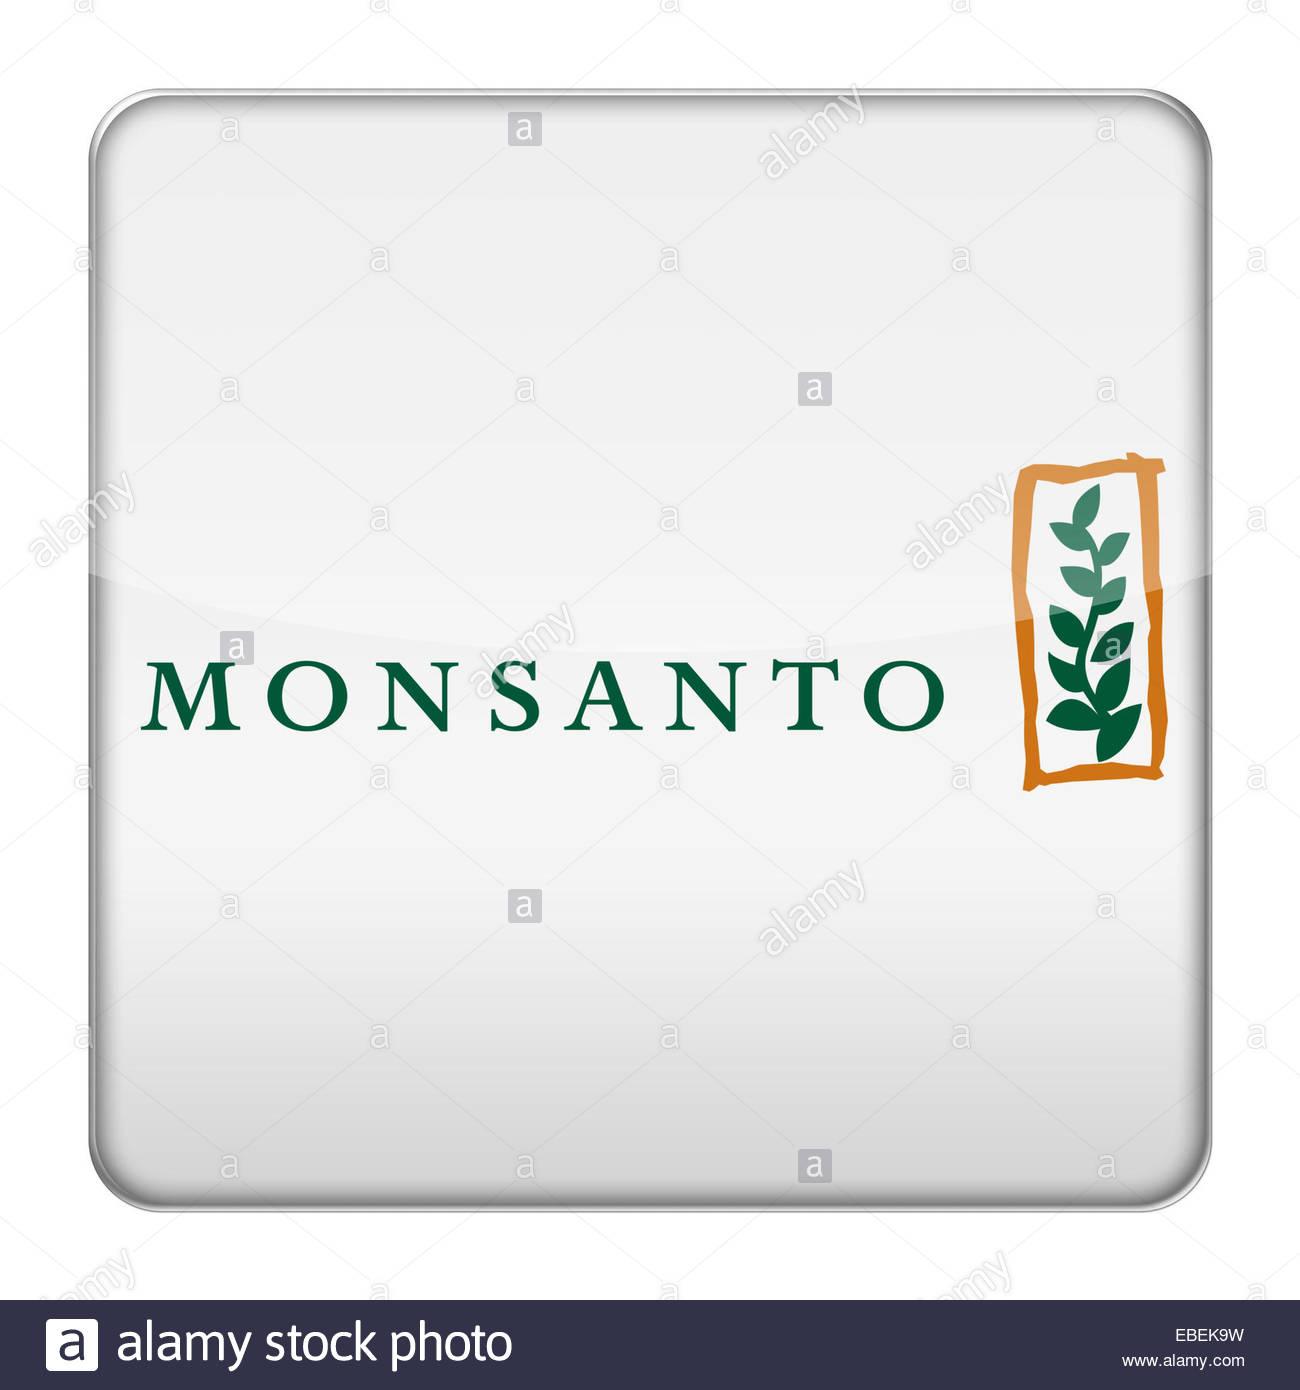 Monsanto logo icon - Stock Image